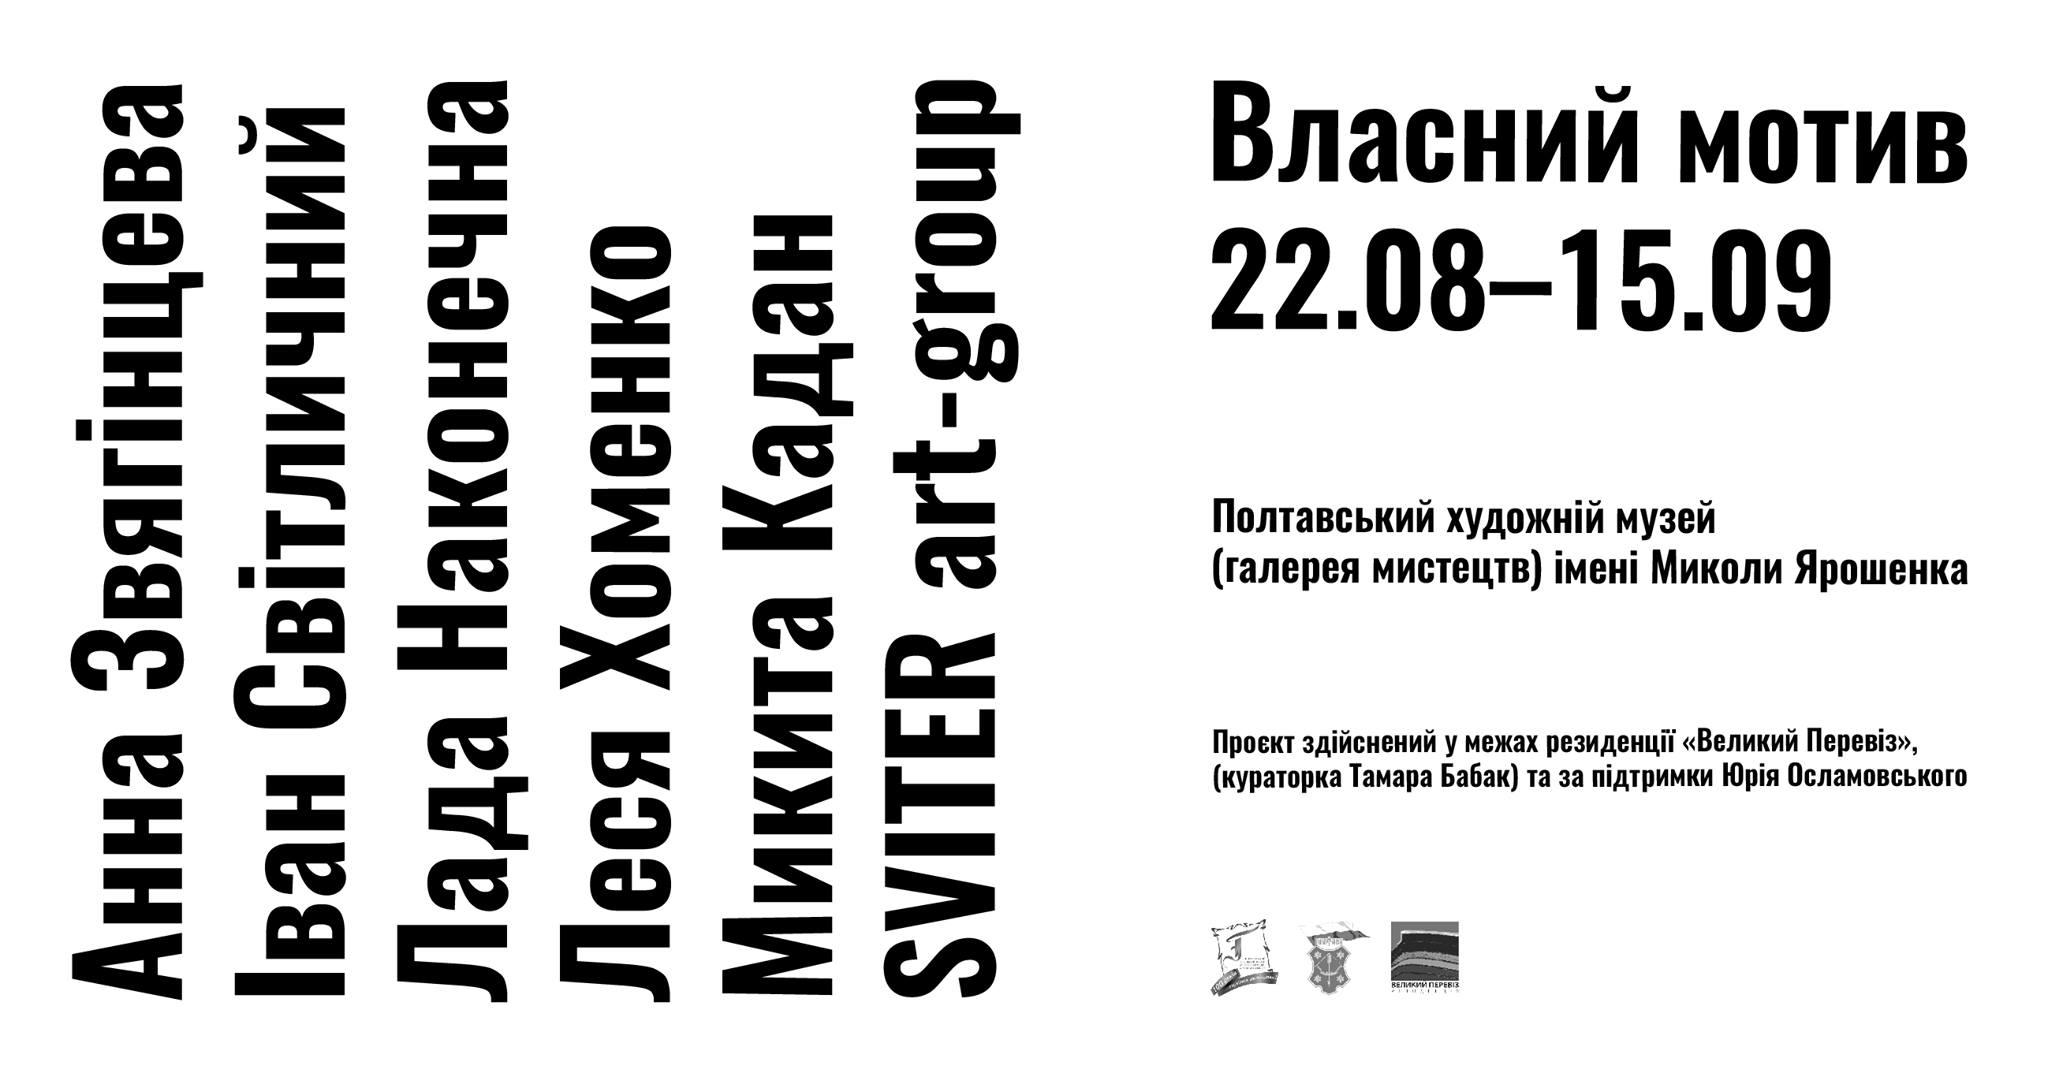 Світлина: Facebook «Власний мотив»: виставка